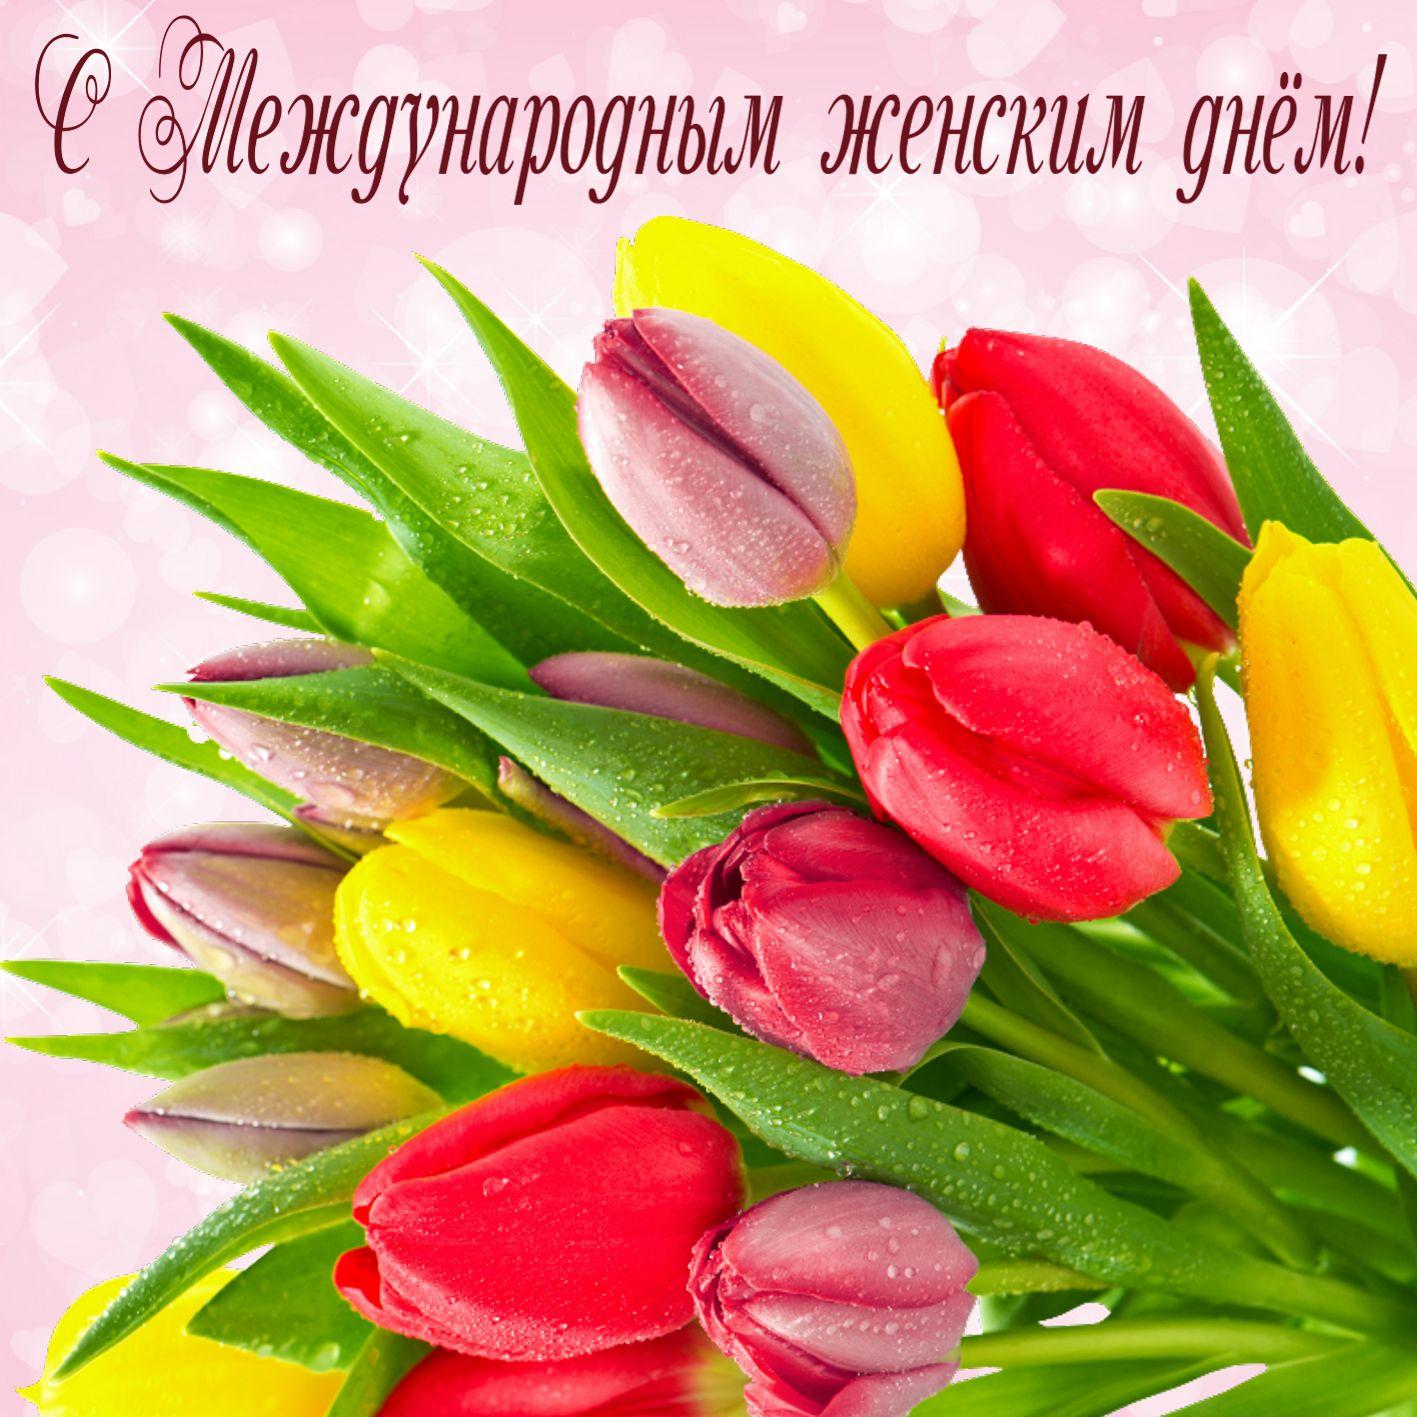 Открытка с 8 марта - букет тюльпанов в капельках росы